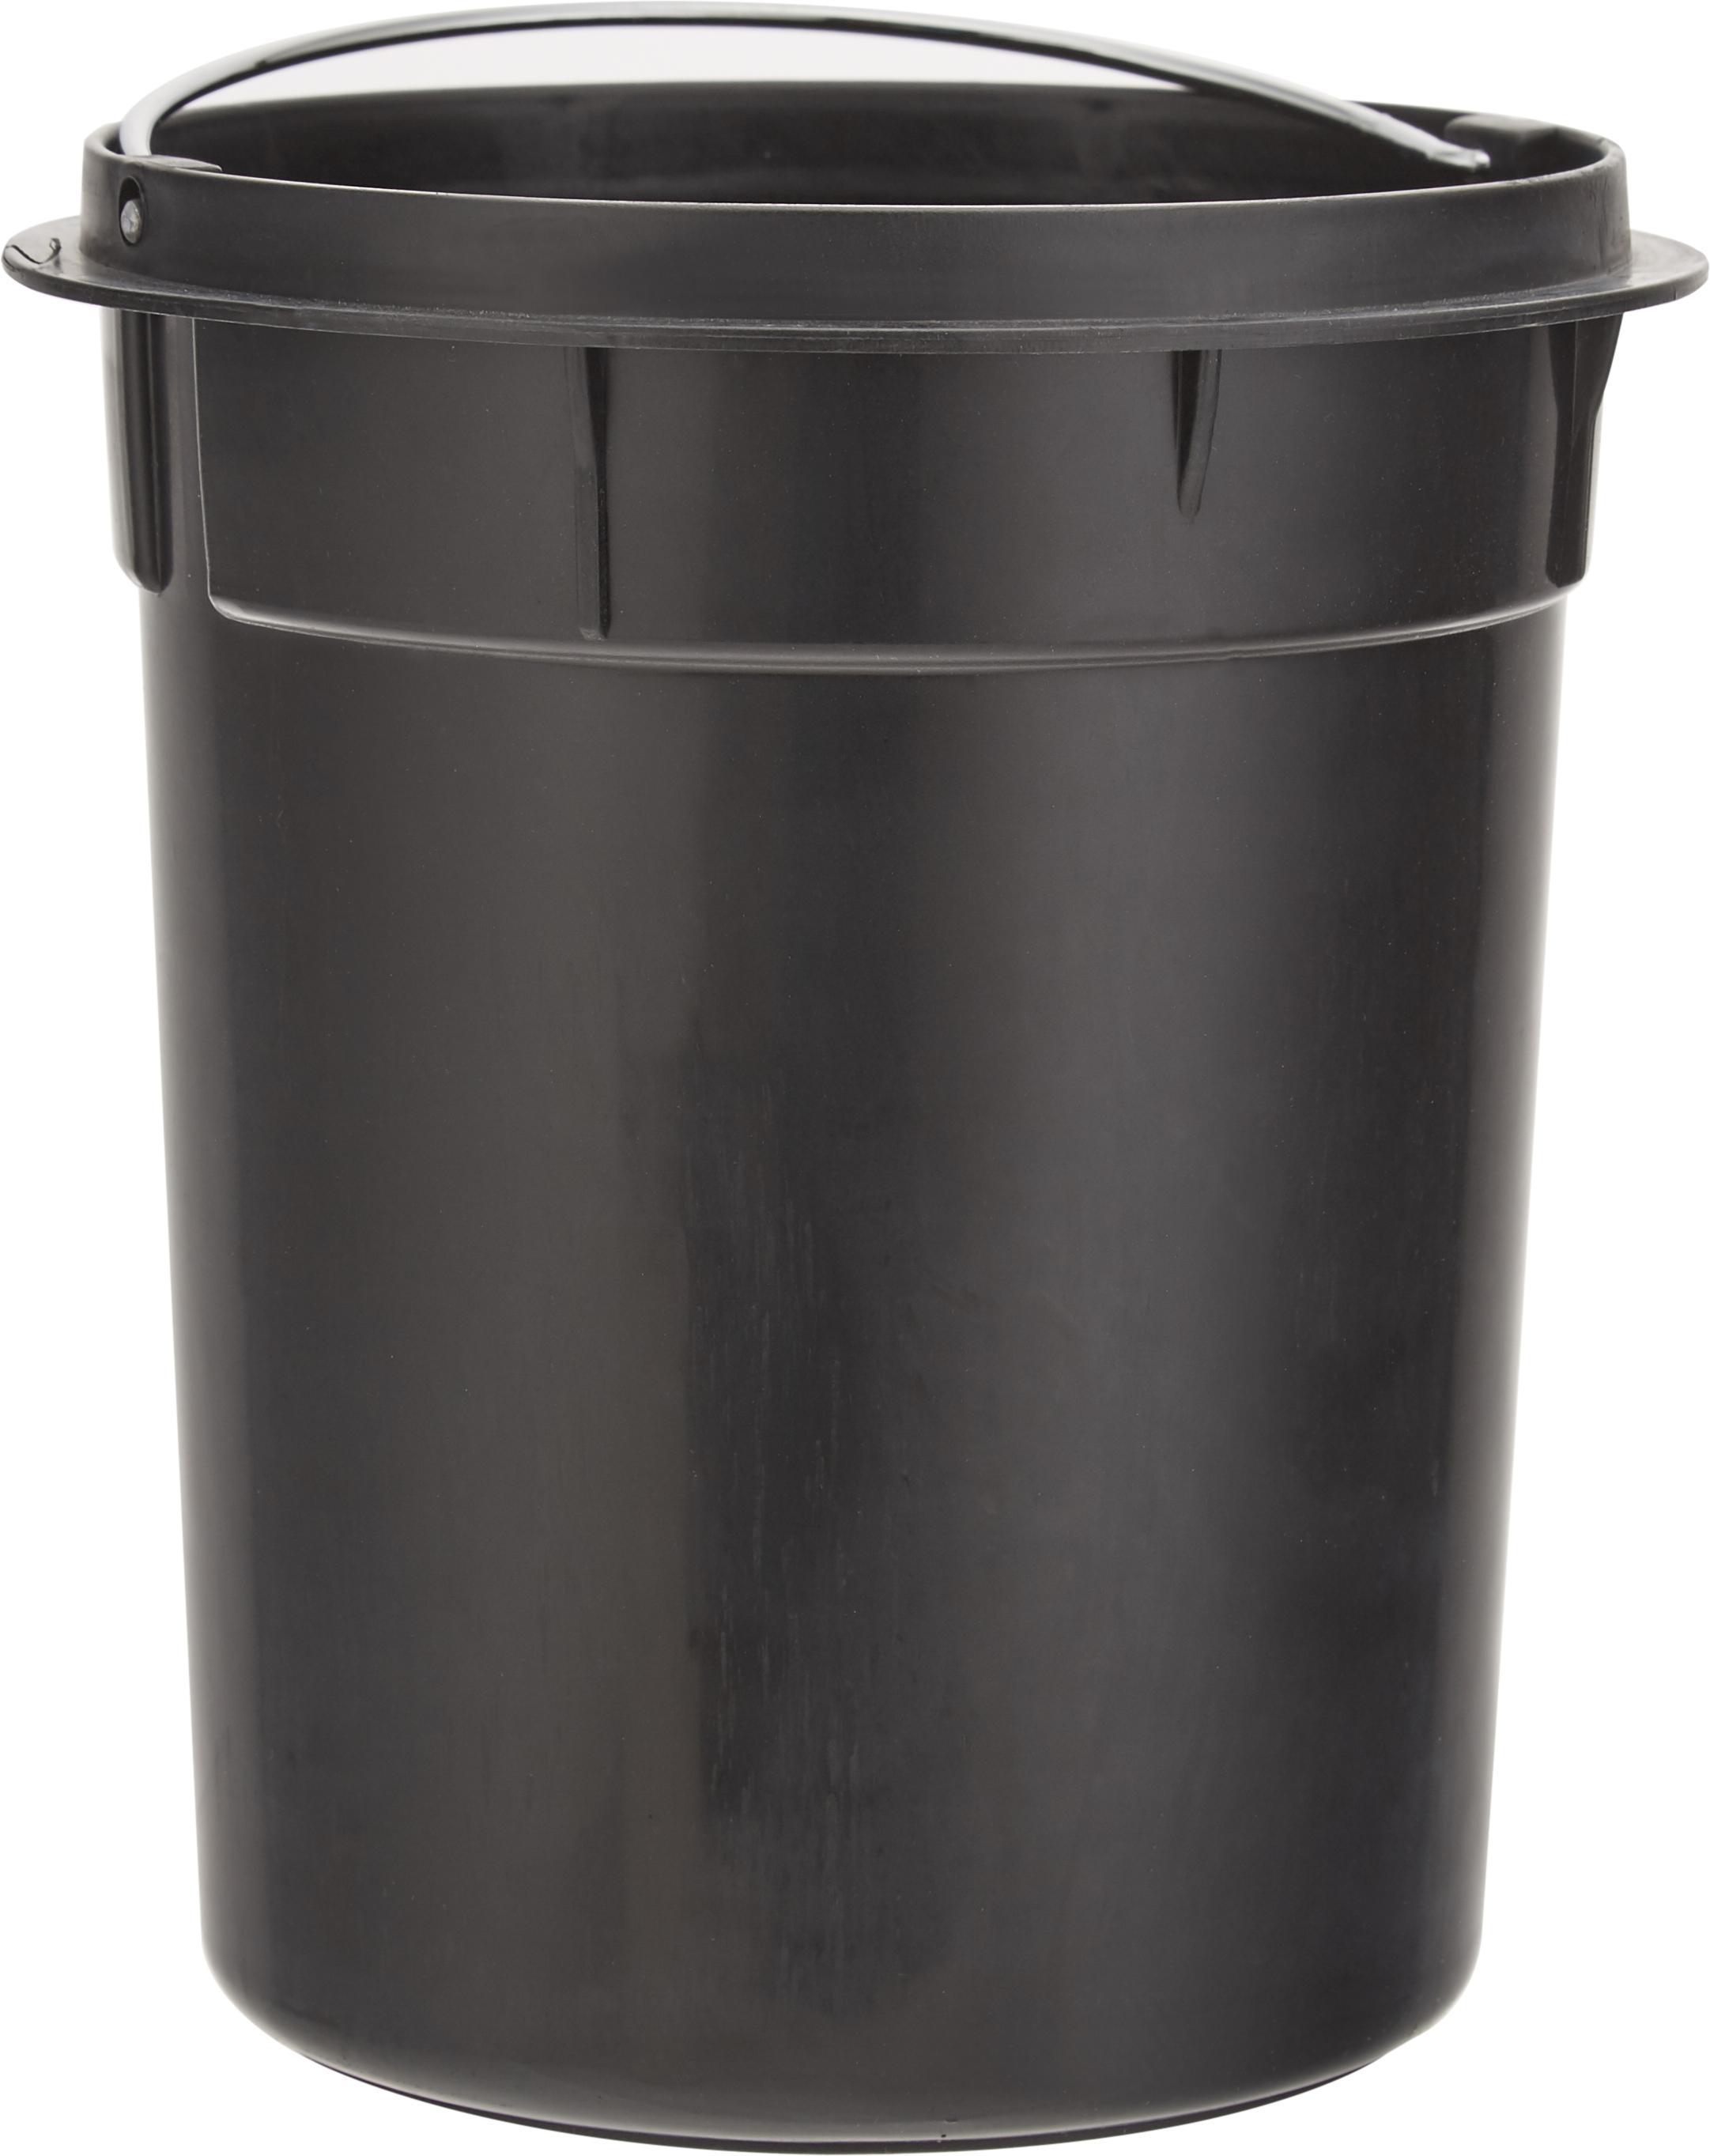 Abfalleimer Ella mit Pedal-Funktion, Cremefarben, Ø 17 x H 26 cm